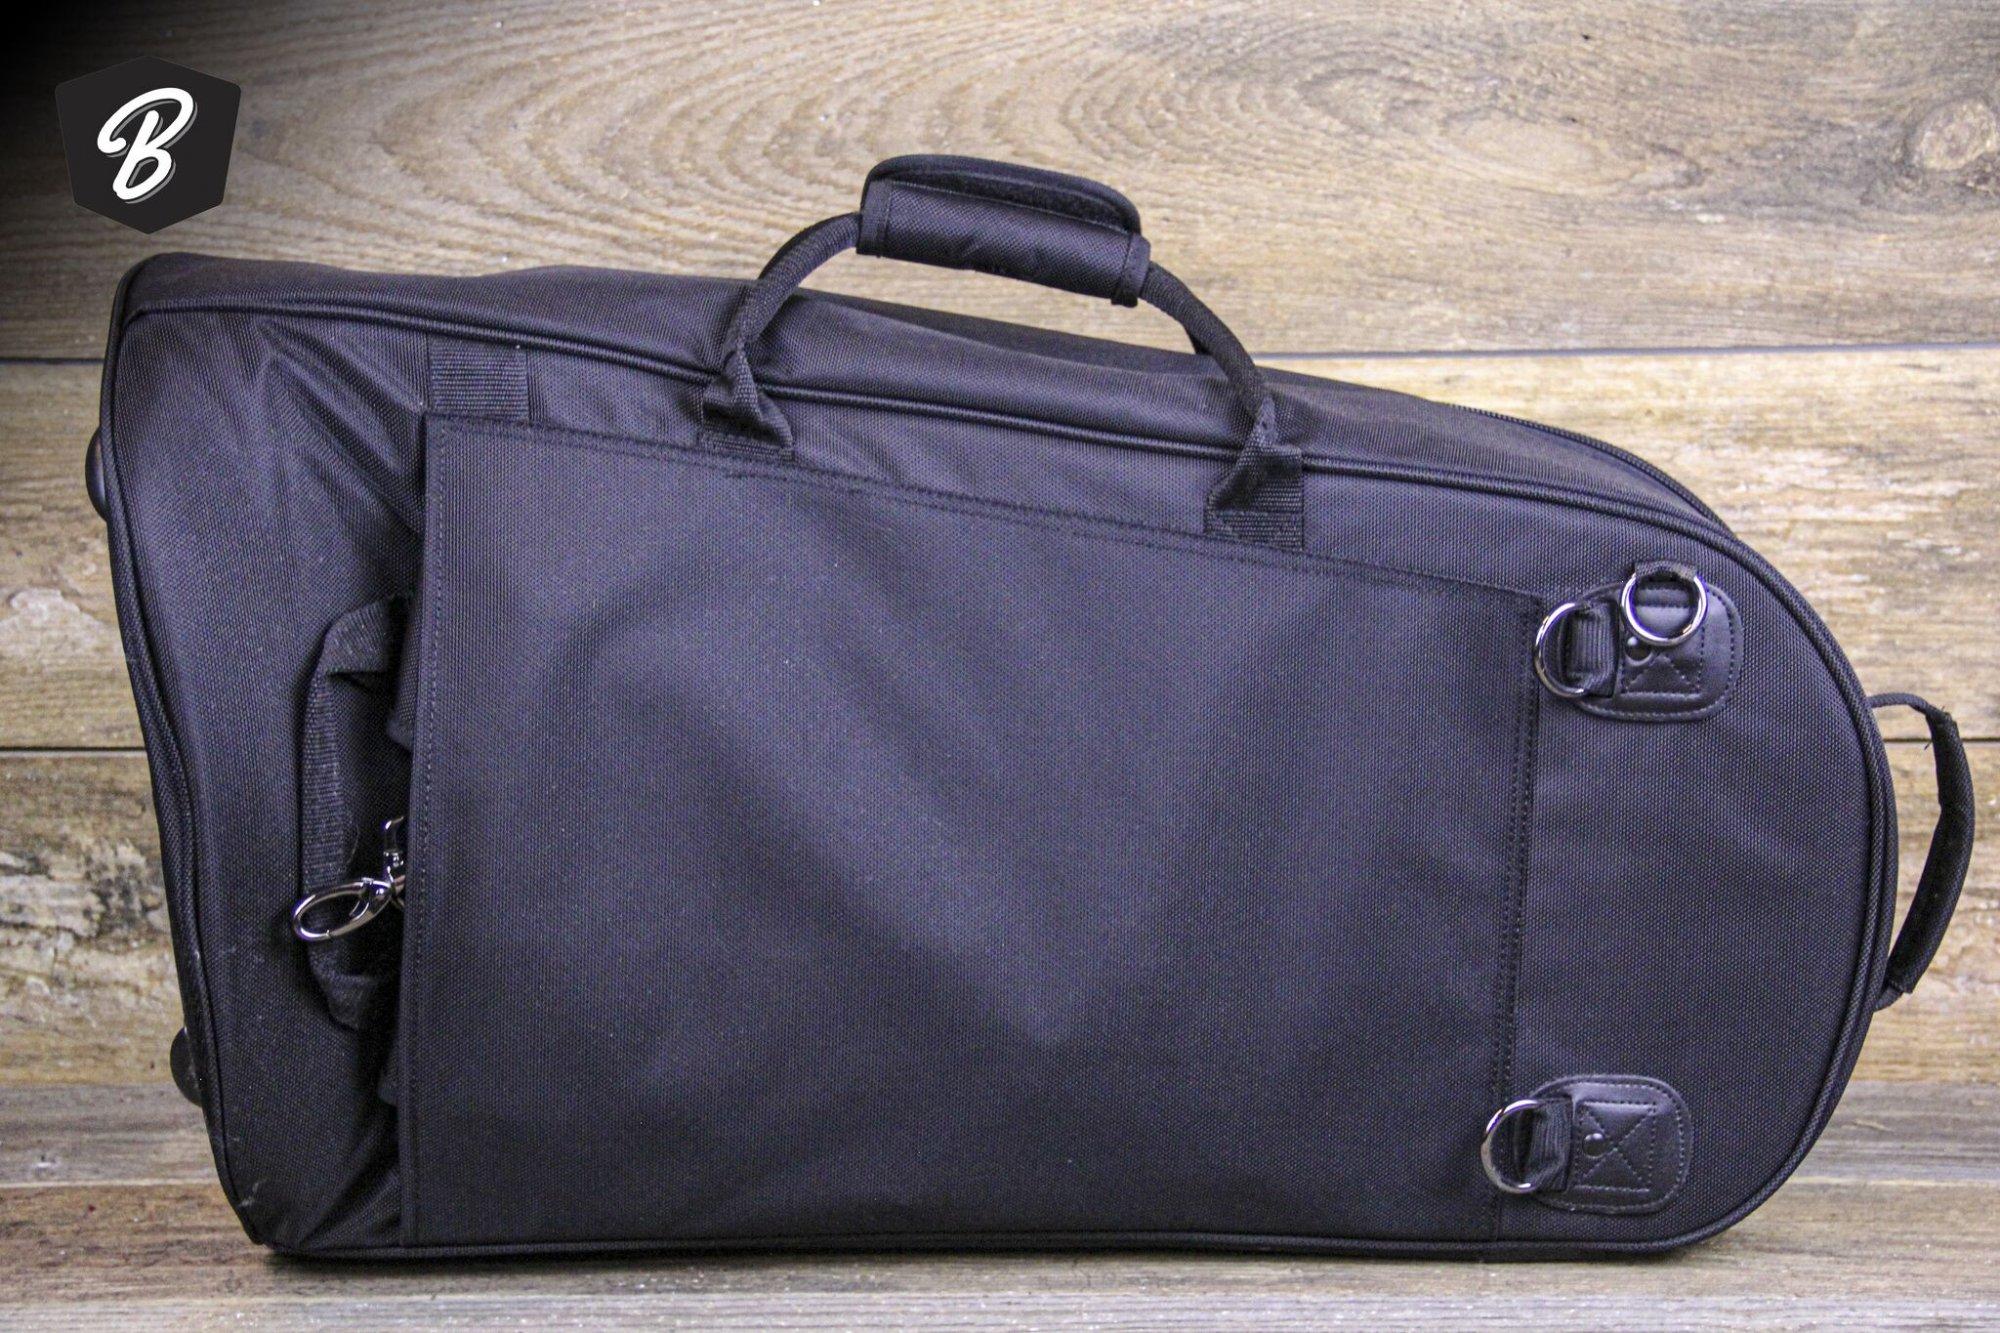 Protec Deluxe Euphonium Bag (BELL UP) C242